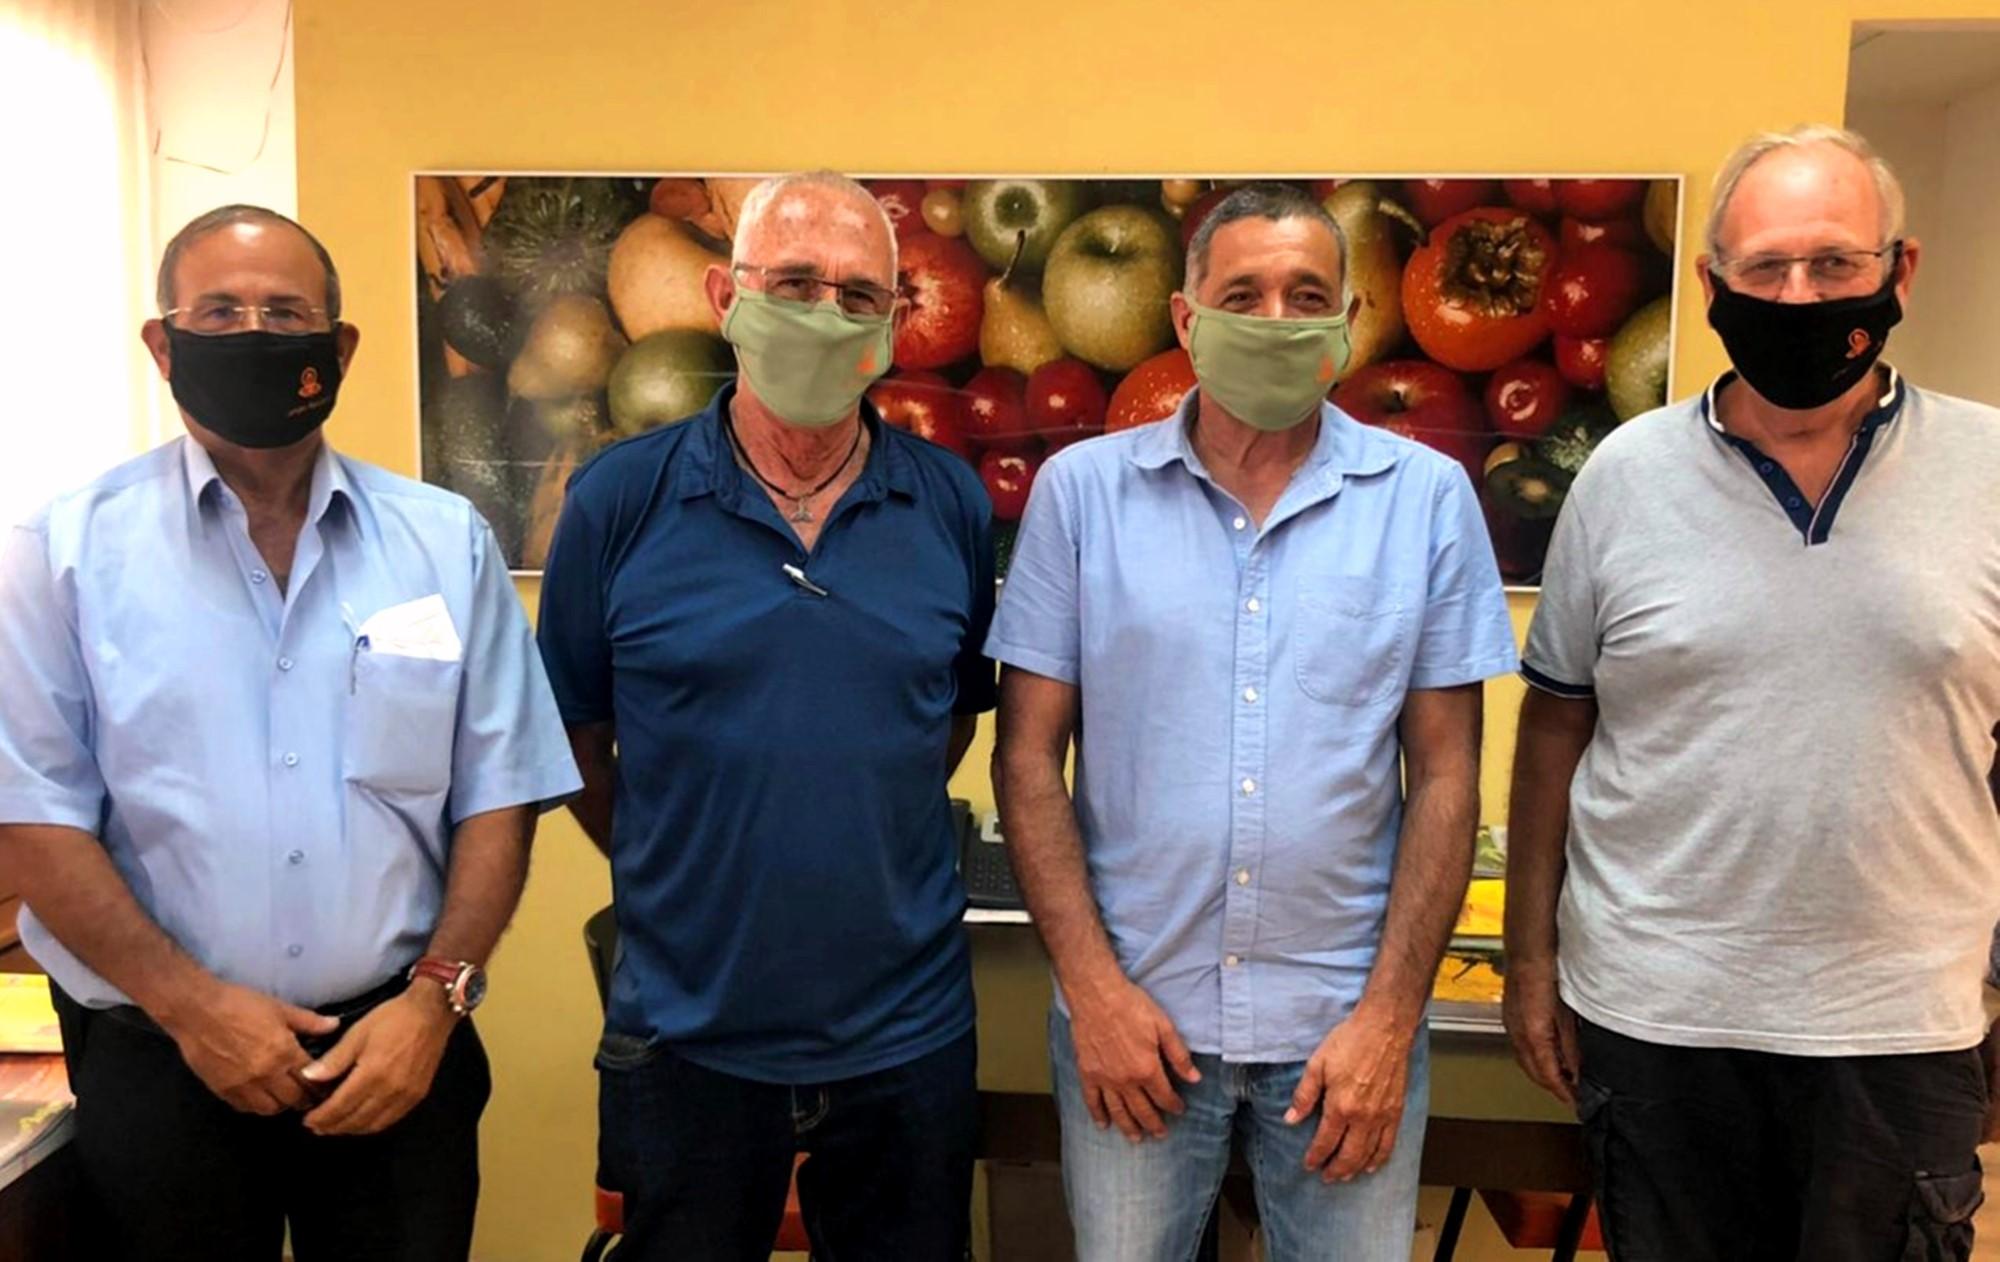 פגישת ארגון מגדלי הפירות עם מסכות ממותגות